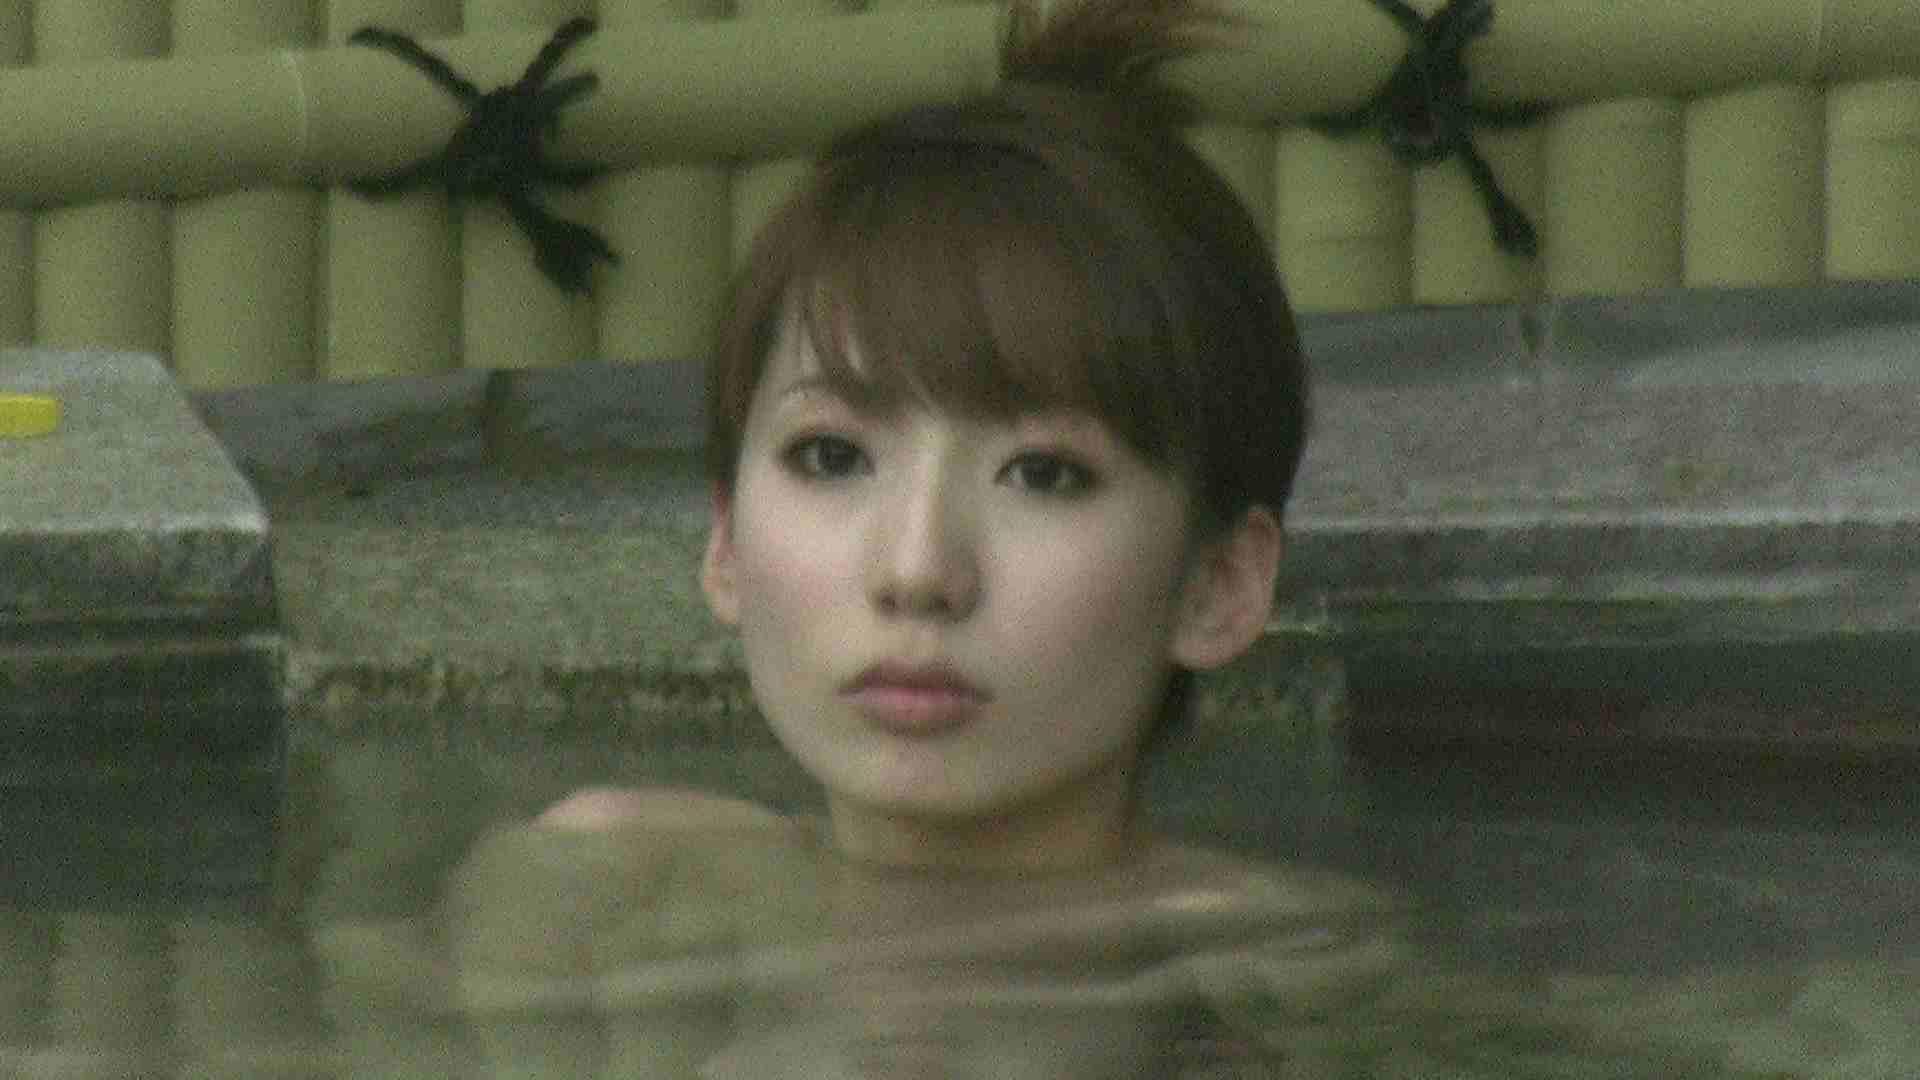 Aquaな露天風呂Vol.208 OLのエロ生活 ワレメ無修正動画無料 54連発 20